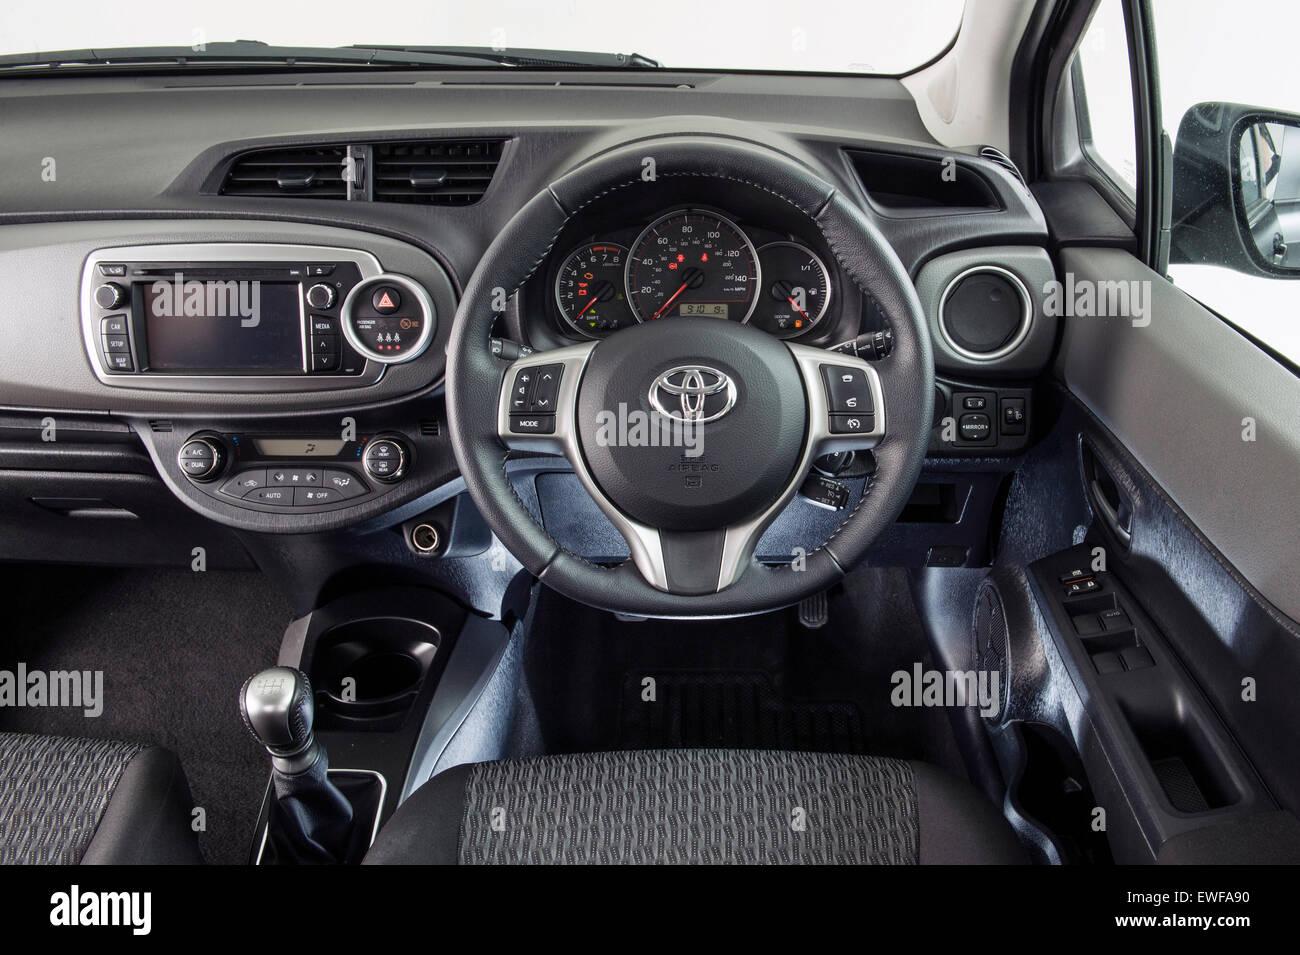 Toyota Yaris 2014 Photo Stock